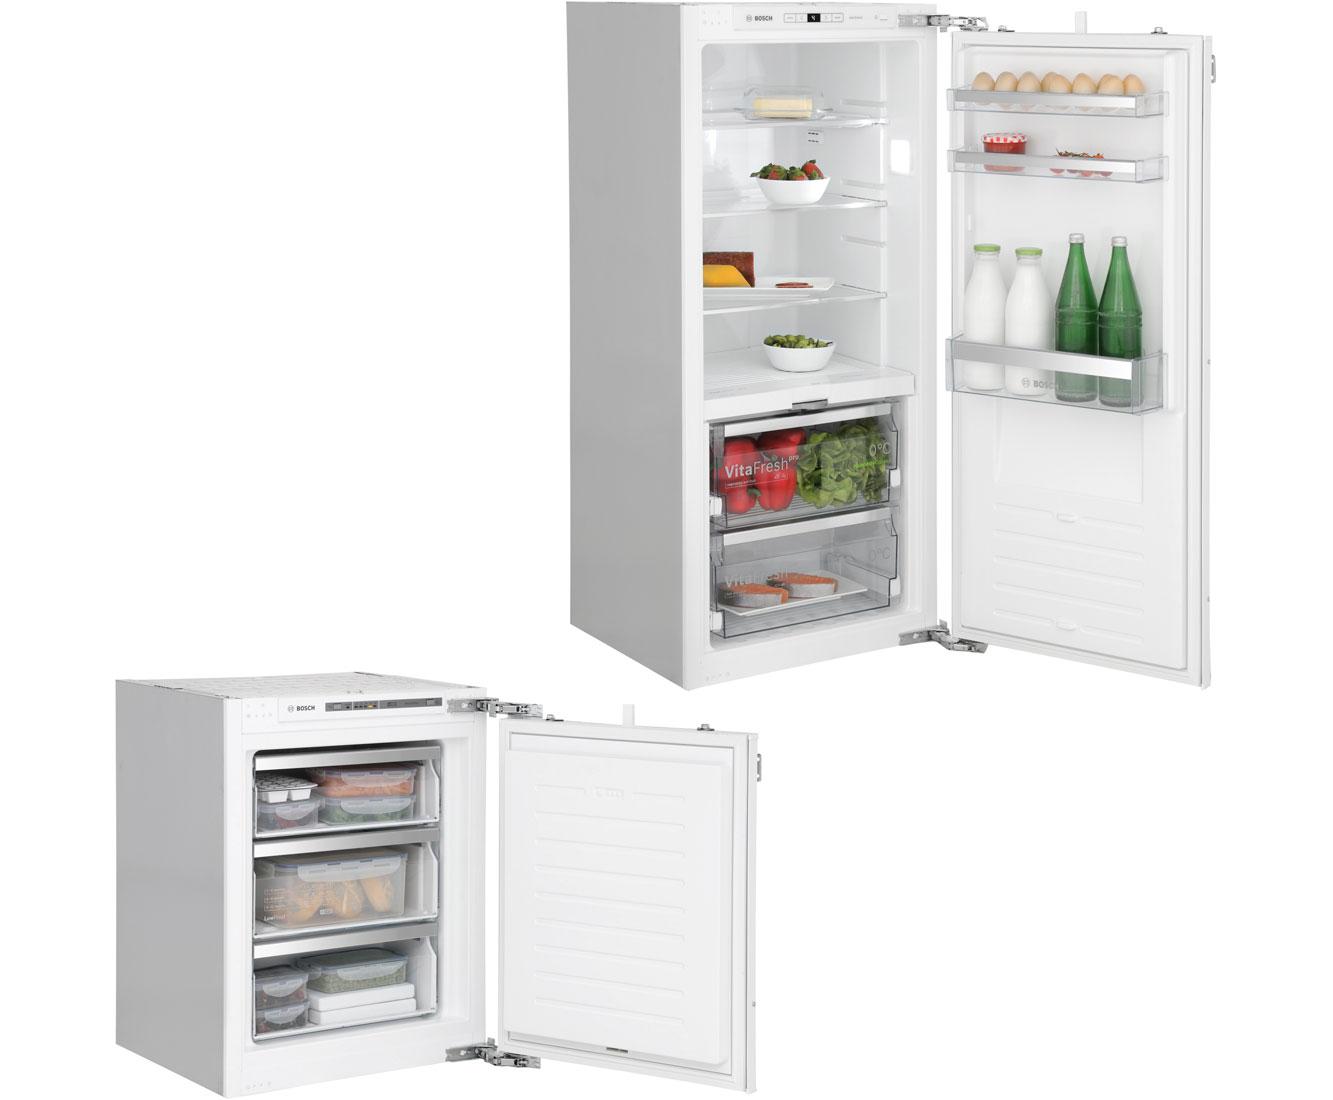 Bosch KXF41V110 Kühl-Gefrierkombinationen - Weiss | Küche und Esszimmer > Küchenelektrogeräte > Kühl-Gefrierkombis | Weiss | Bosch